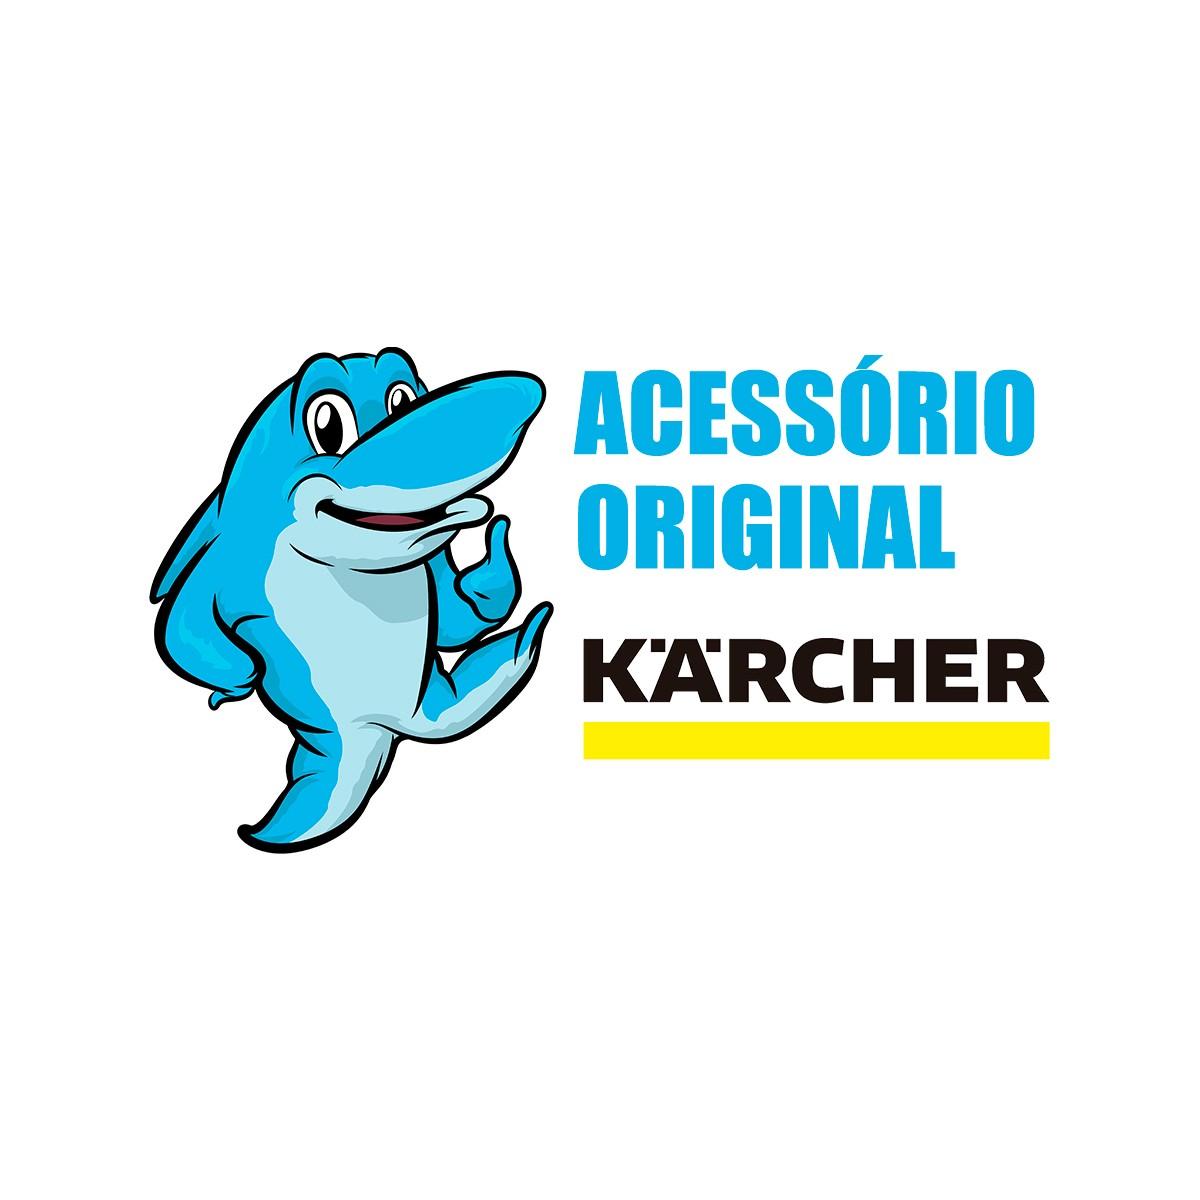 Gicleur Bico 25060 Original Karcher para Lavadoras